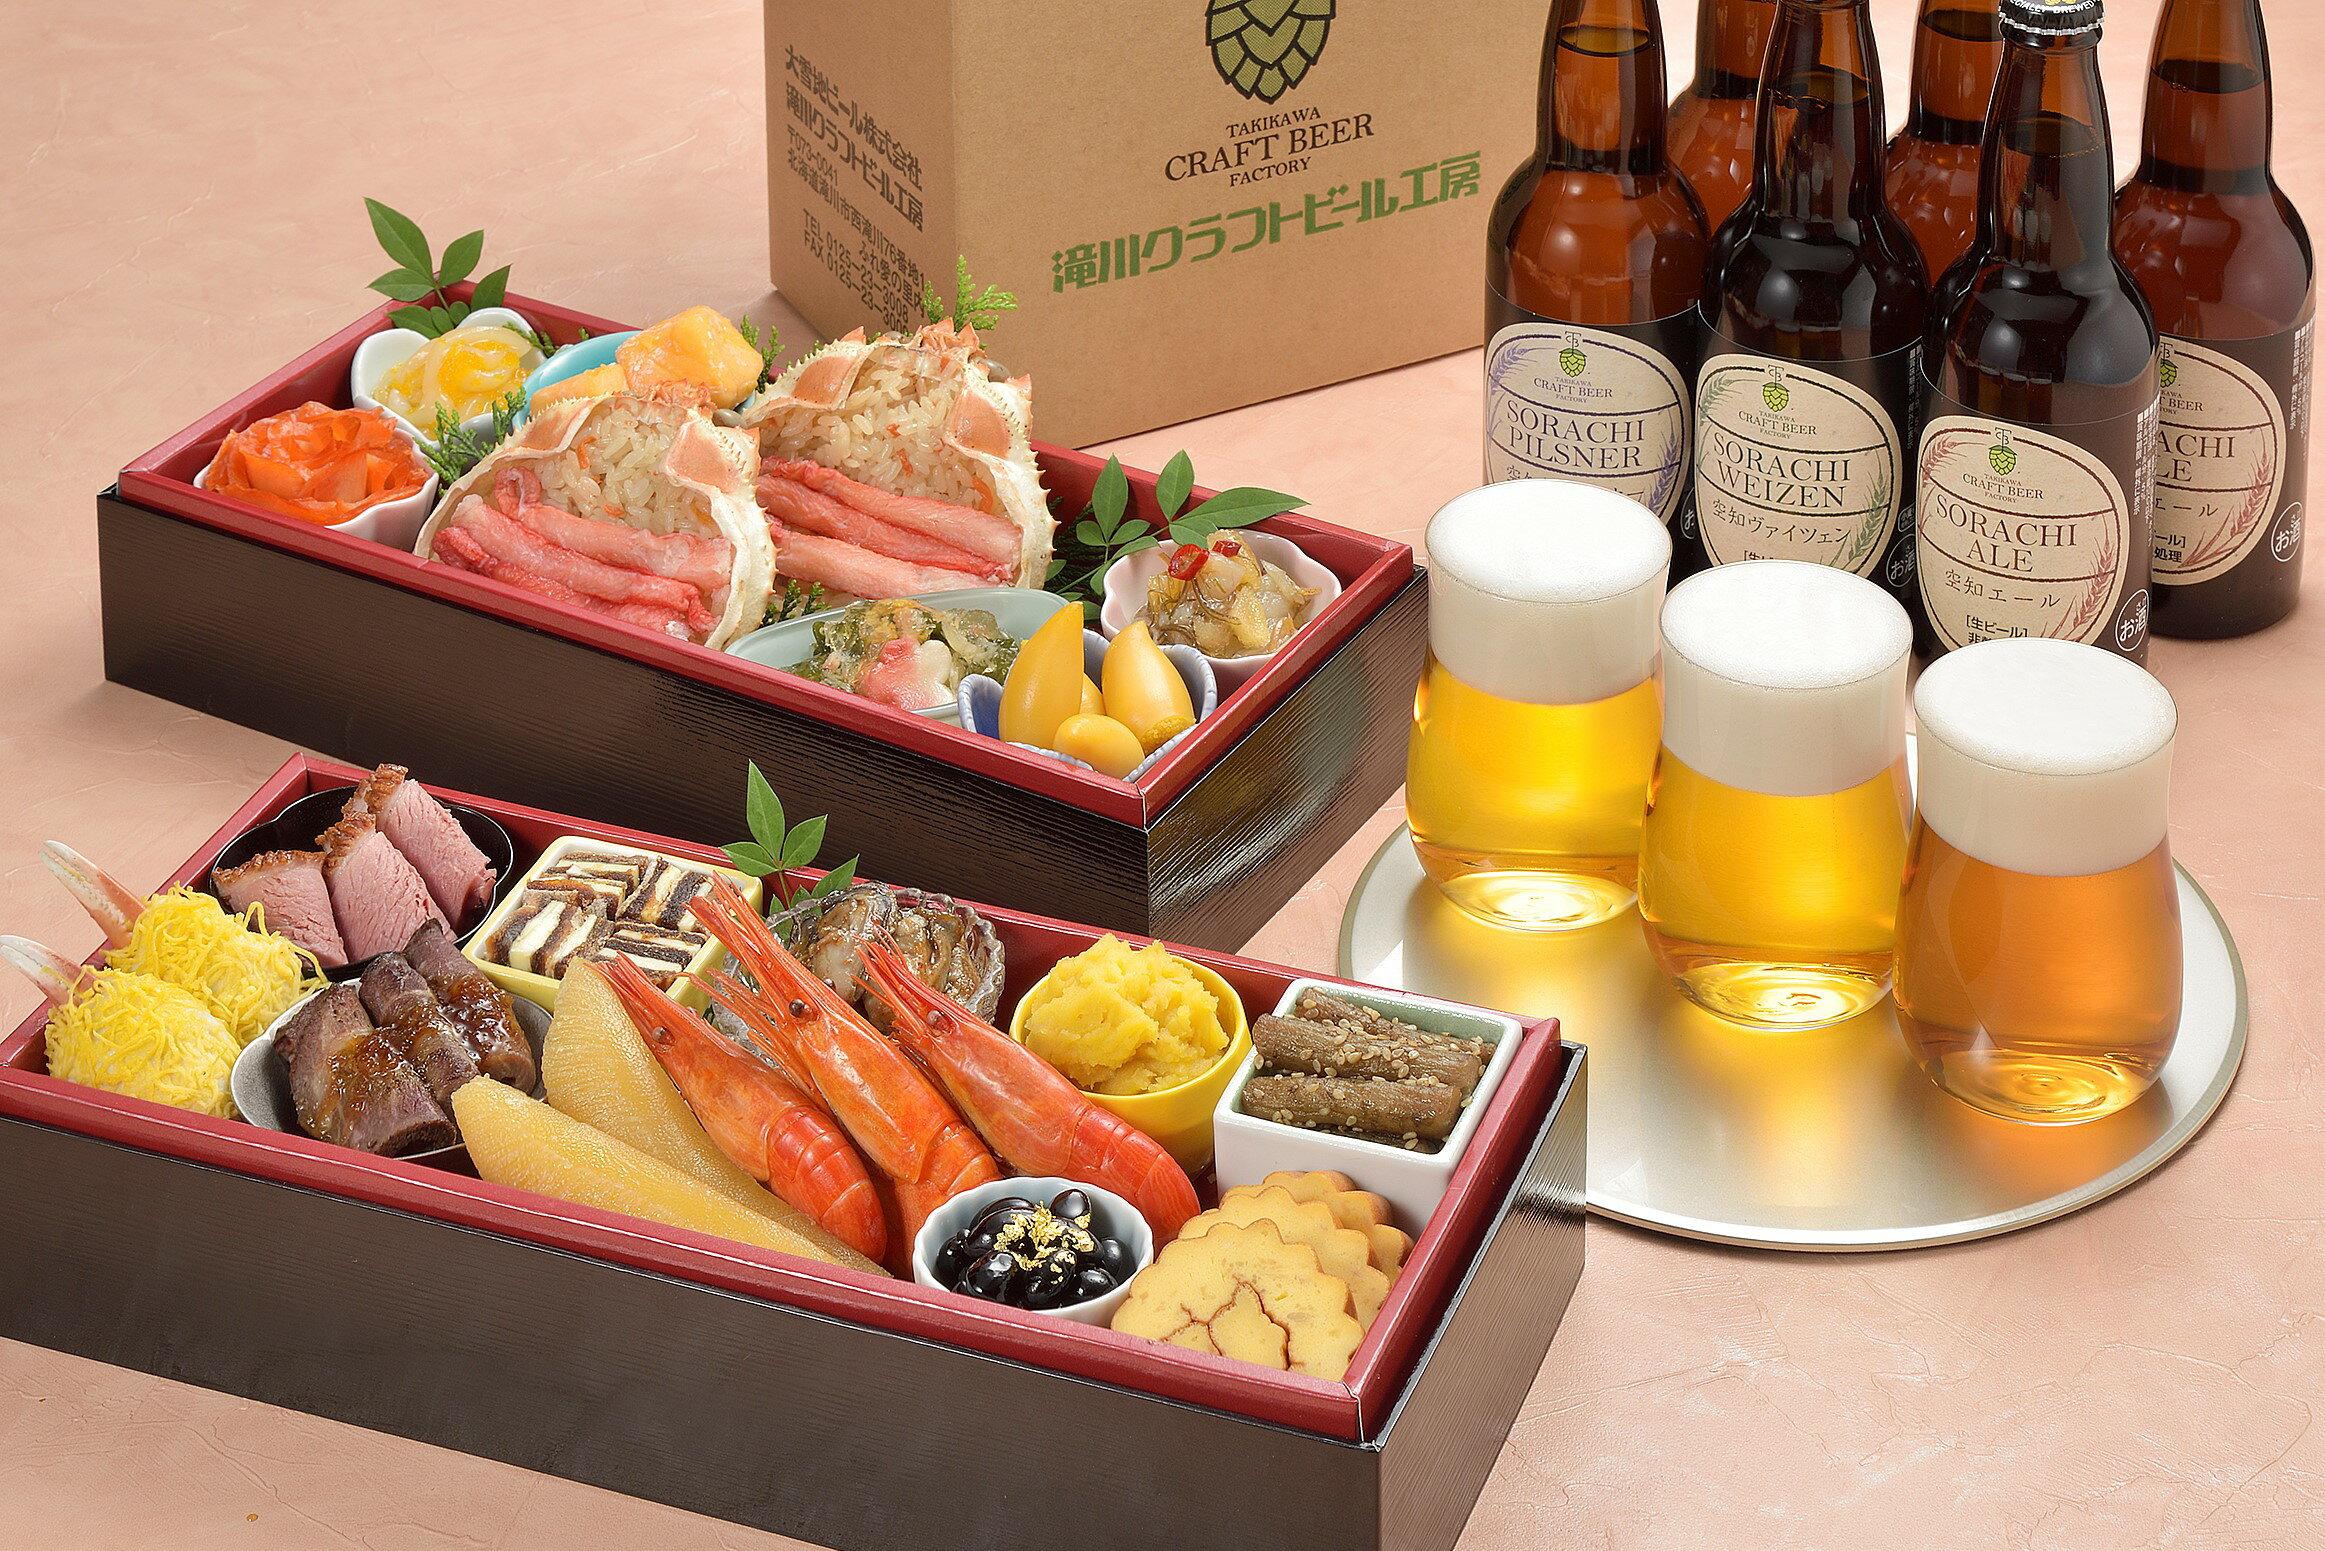 【ふるさと納税】【お正月準備】おせち「北の和膳」とクラフトビール6本